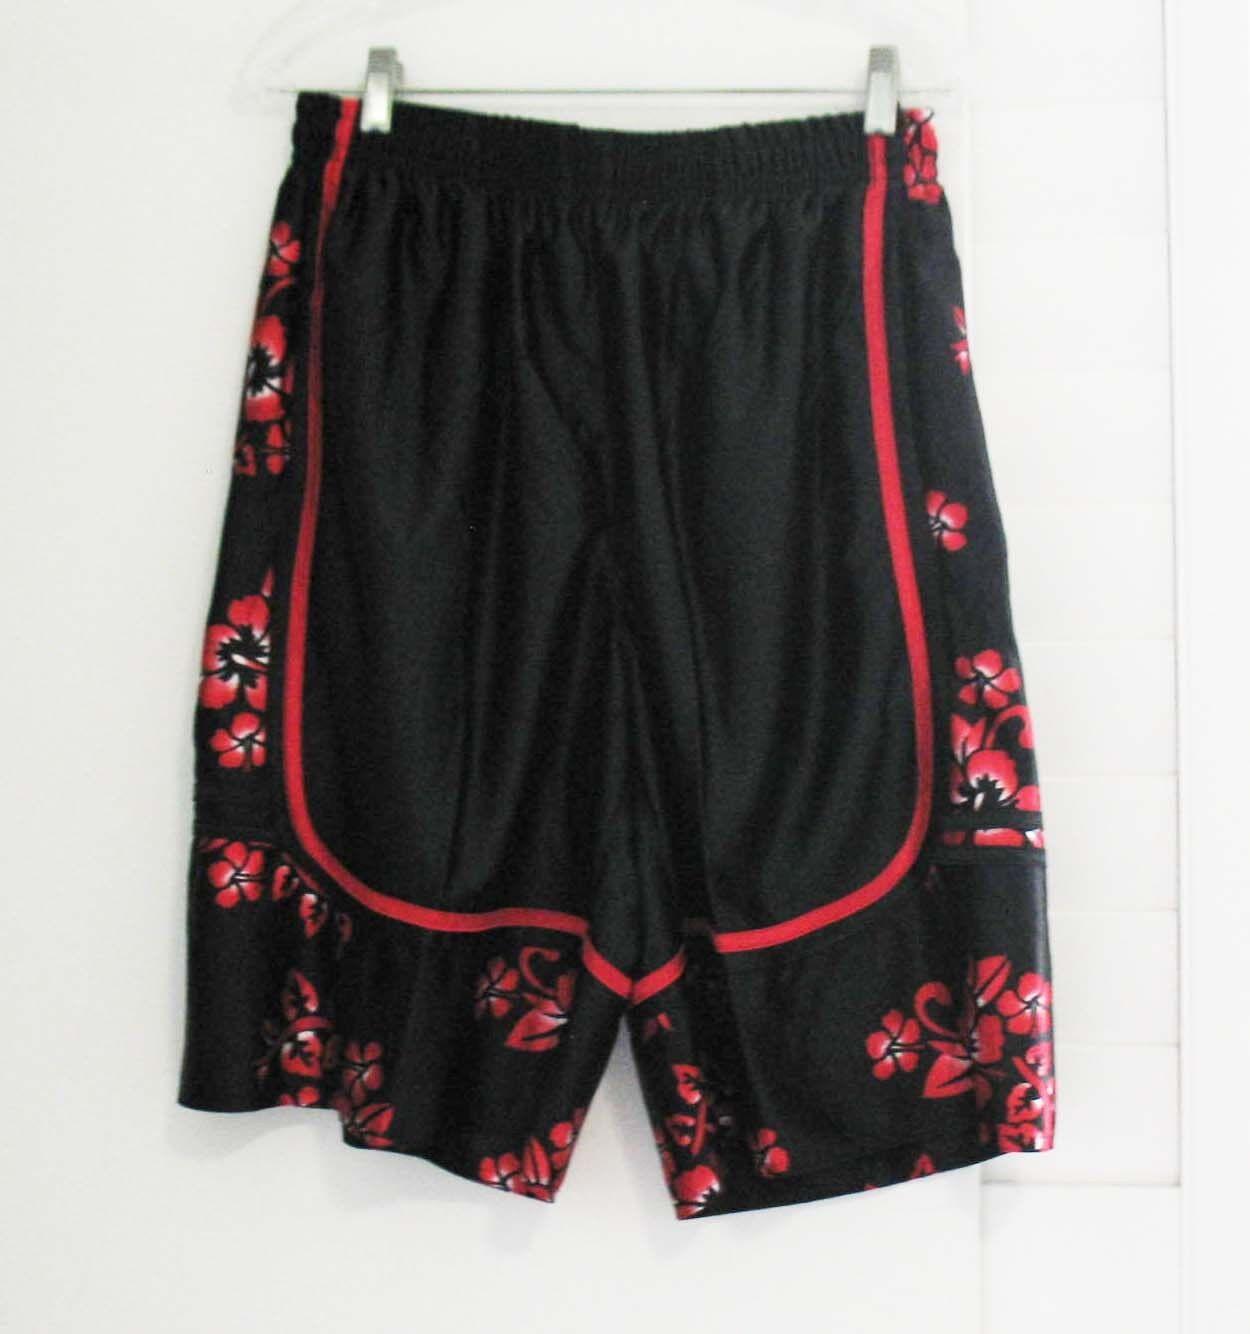 Adorno De Baloncesto Pantalones Cortos Hawaianos Hibiscus Hibiscus Hibiscus Negro Talla 4XL-Nuevo con etiquetas ab21f7